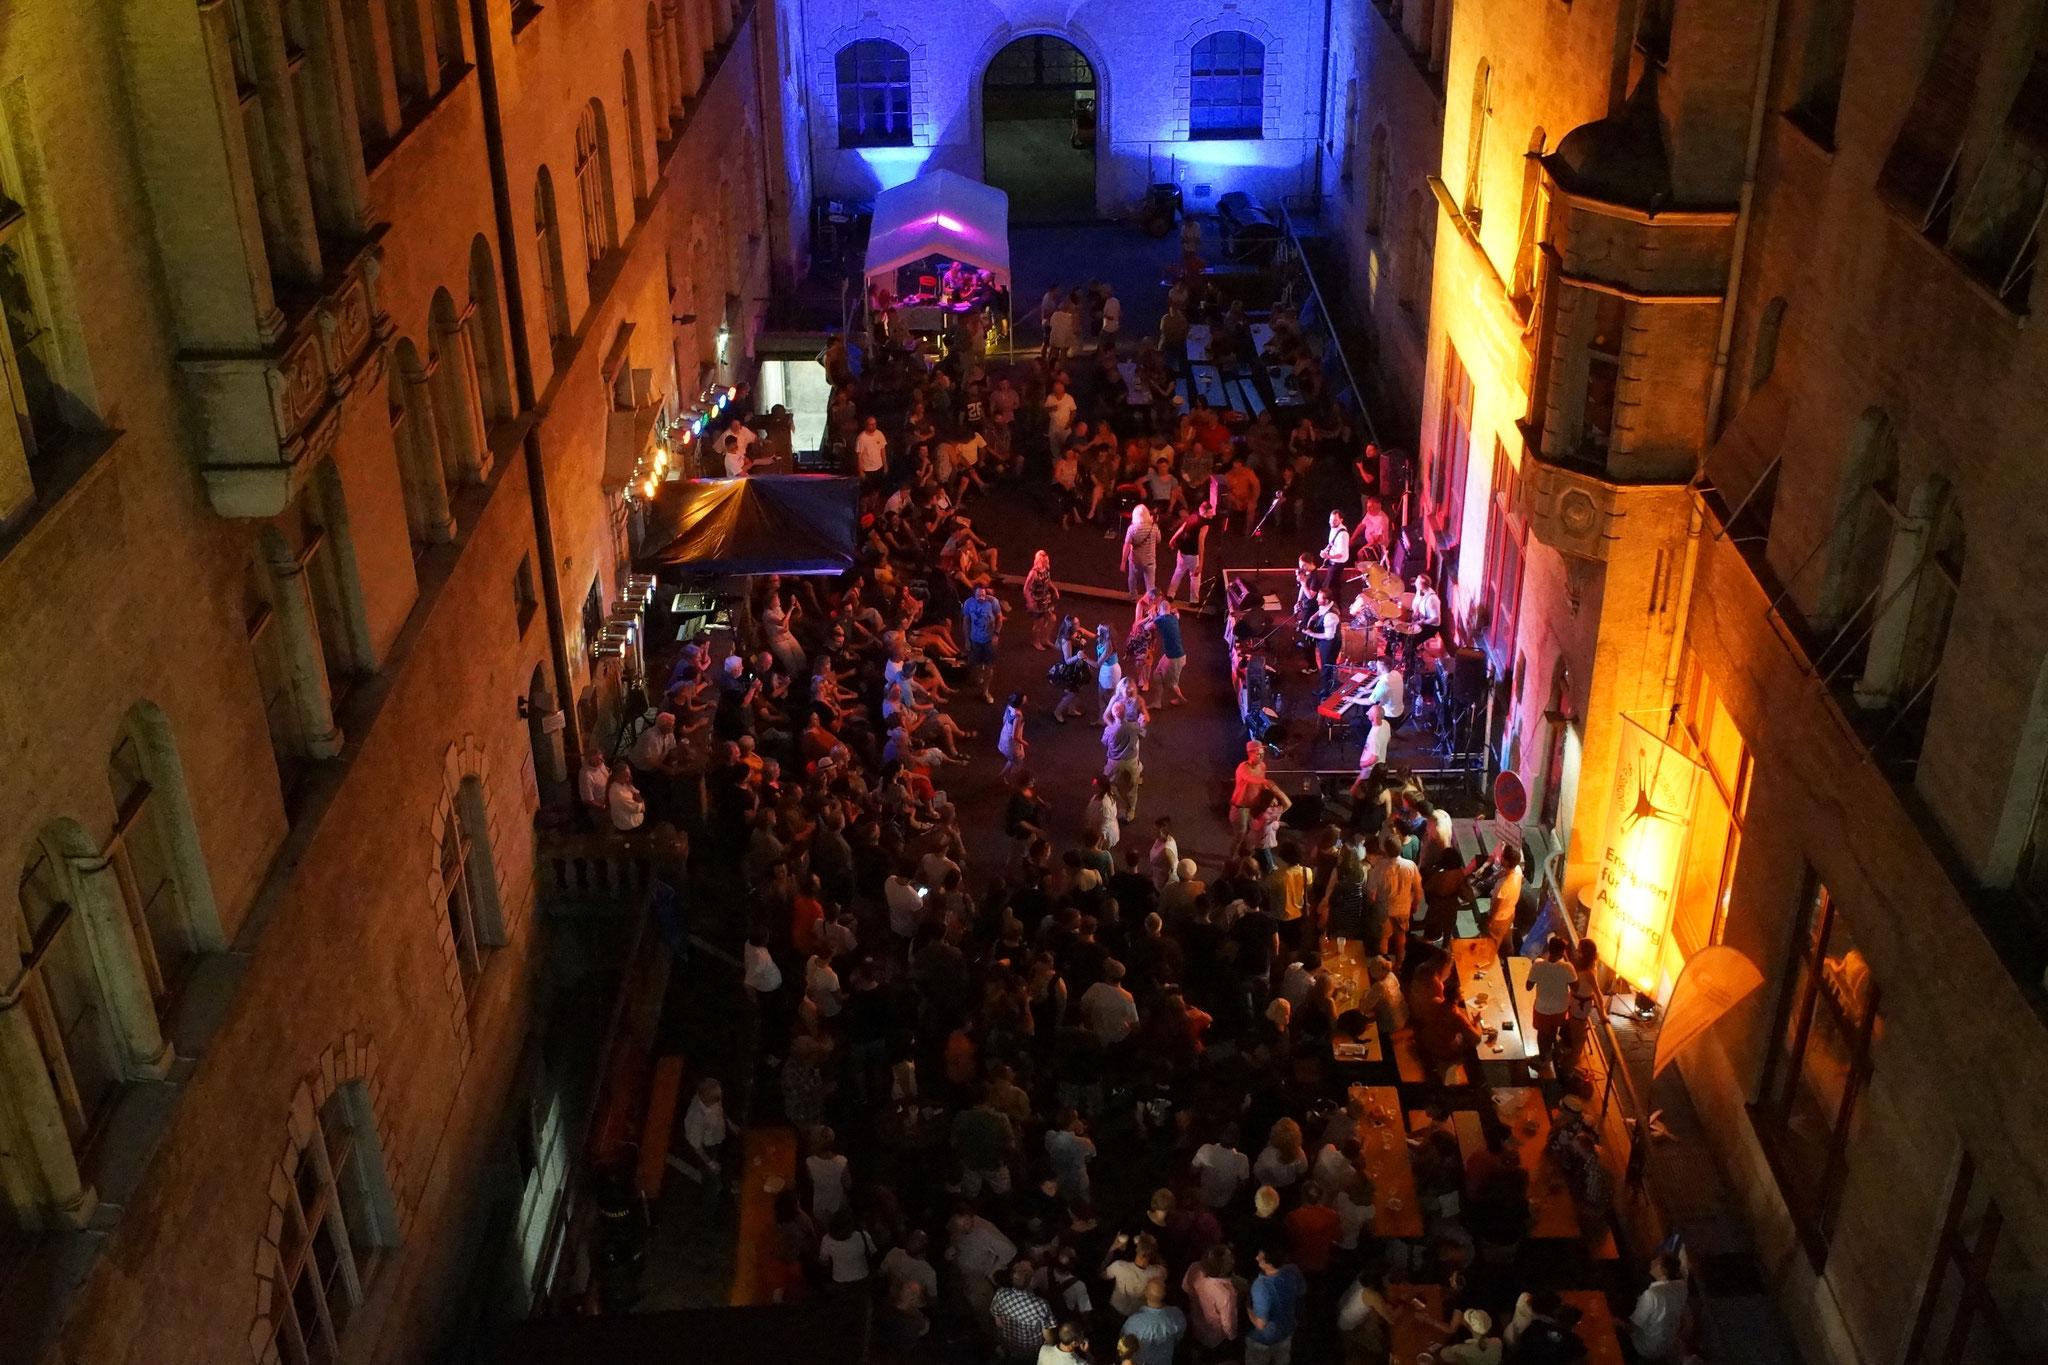 Konzerte im Bürgerhof 02.07.15 - Freiwilligen-Zentrum Augsburg - Foto: Crayfish